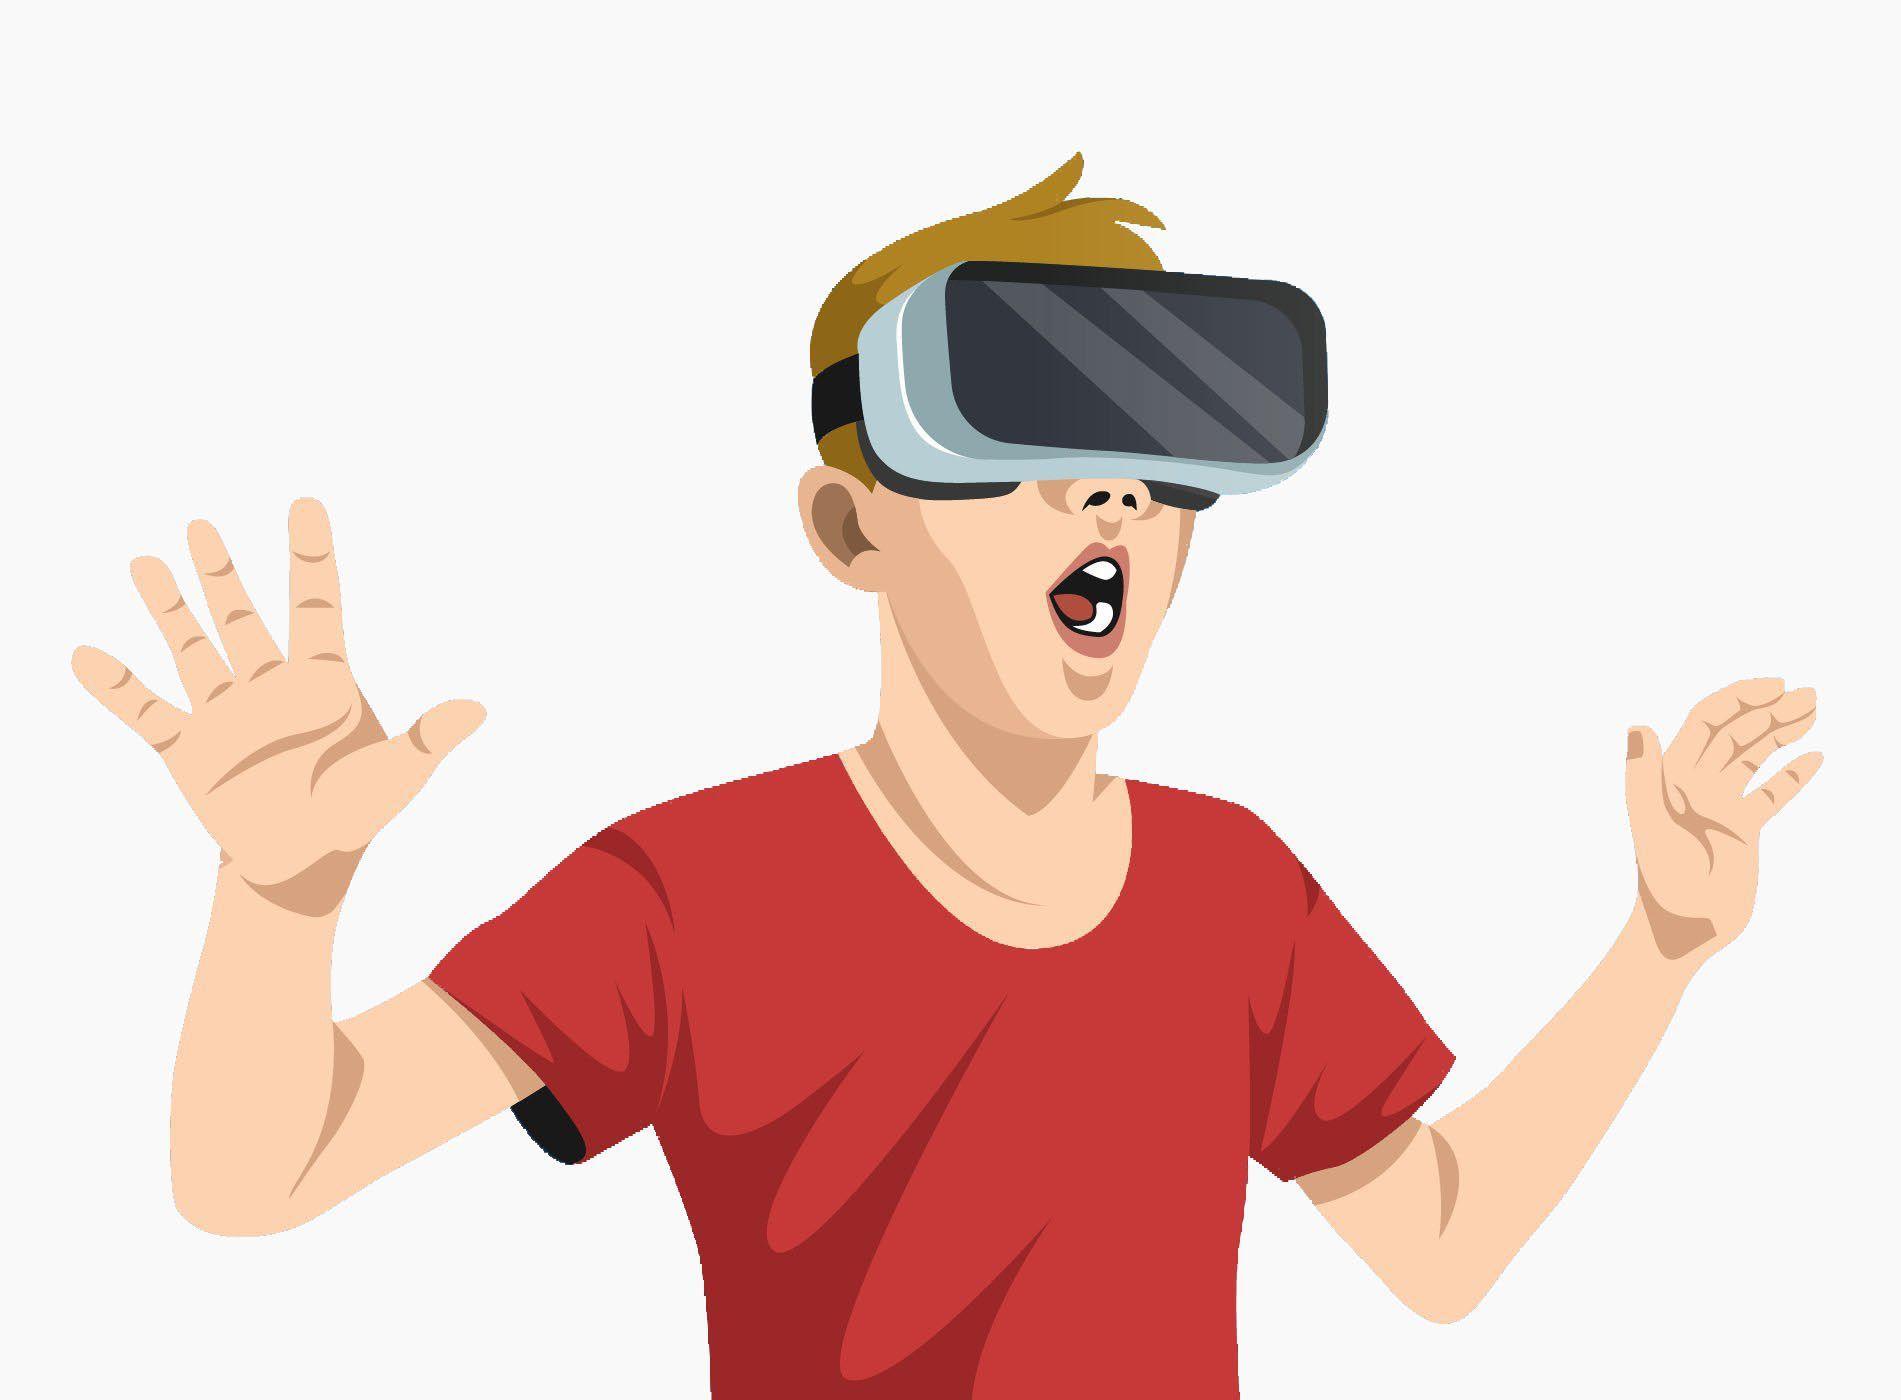 تجهیزات واقعیت مجازی